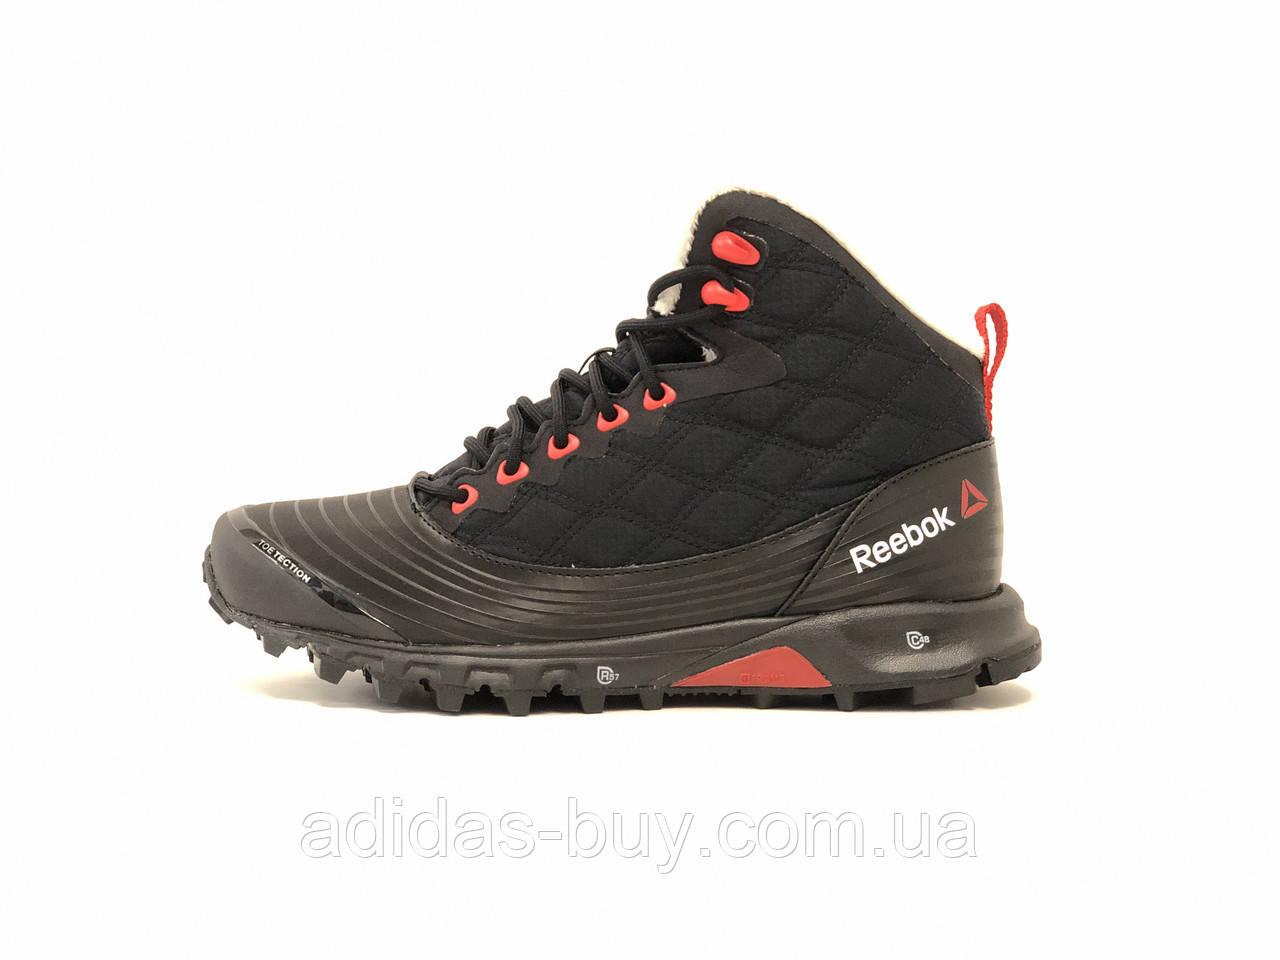 d0b76da9 Ботинки кроссовки женские оригинальные Reebok arctic sugar зимние BD4489  цвет: чёрный